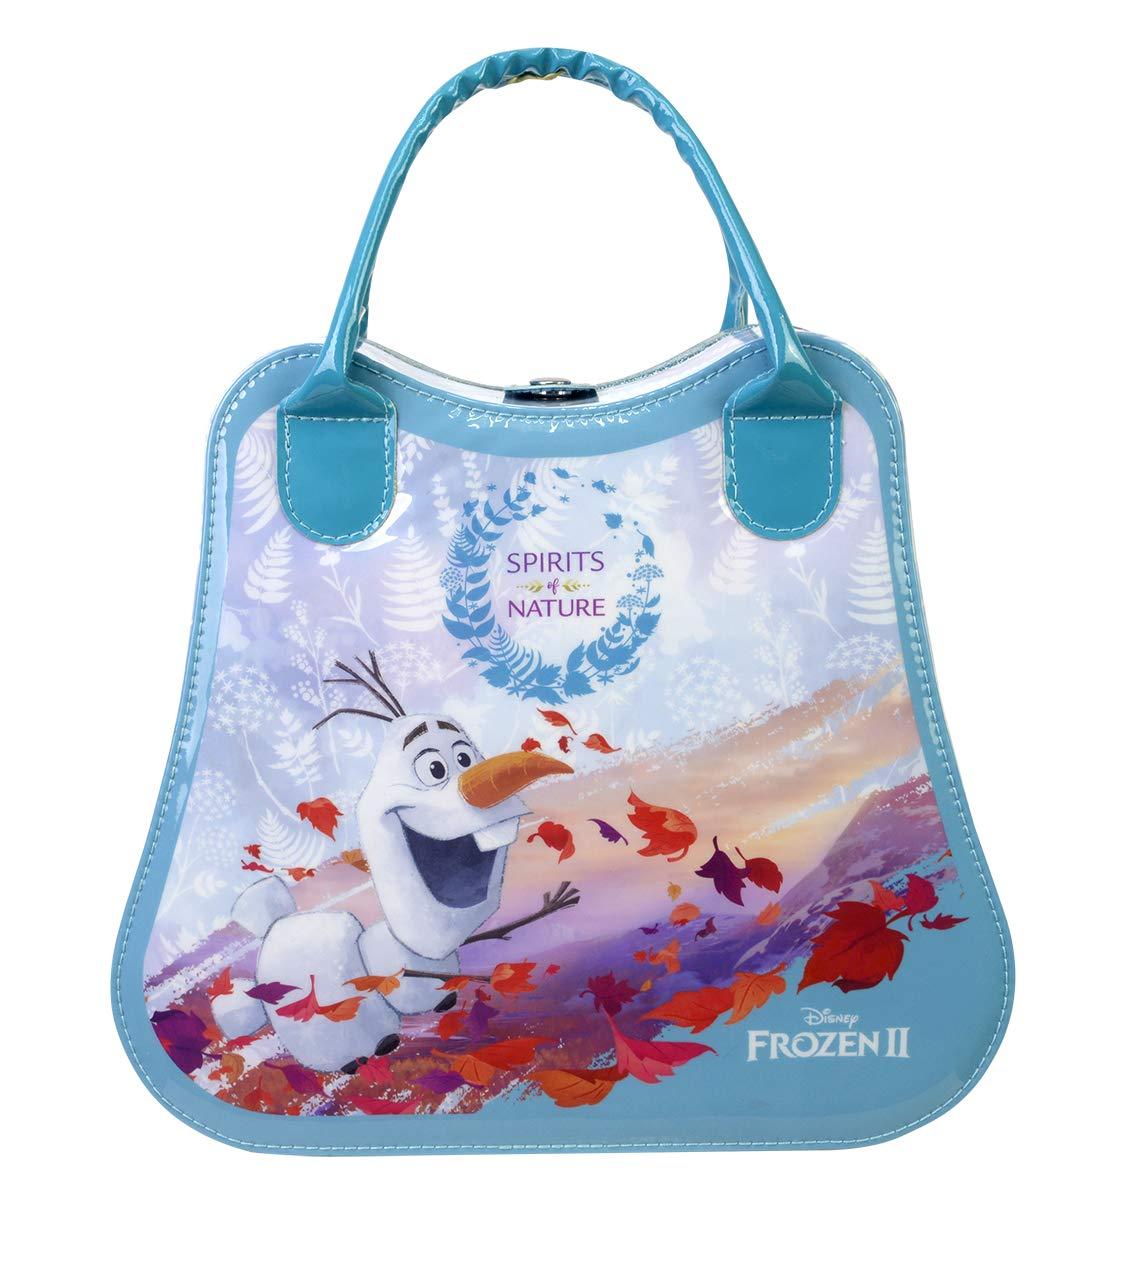 Disney Princess Frozen II Wonderland Weekender - Neceser Frozen II, Set de Maquillaje para Niñas - Maquillaje Frozen - Selección de Productos Seguros en un Maletín de Maquillaje Multicolor: Amazon.es